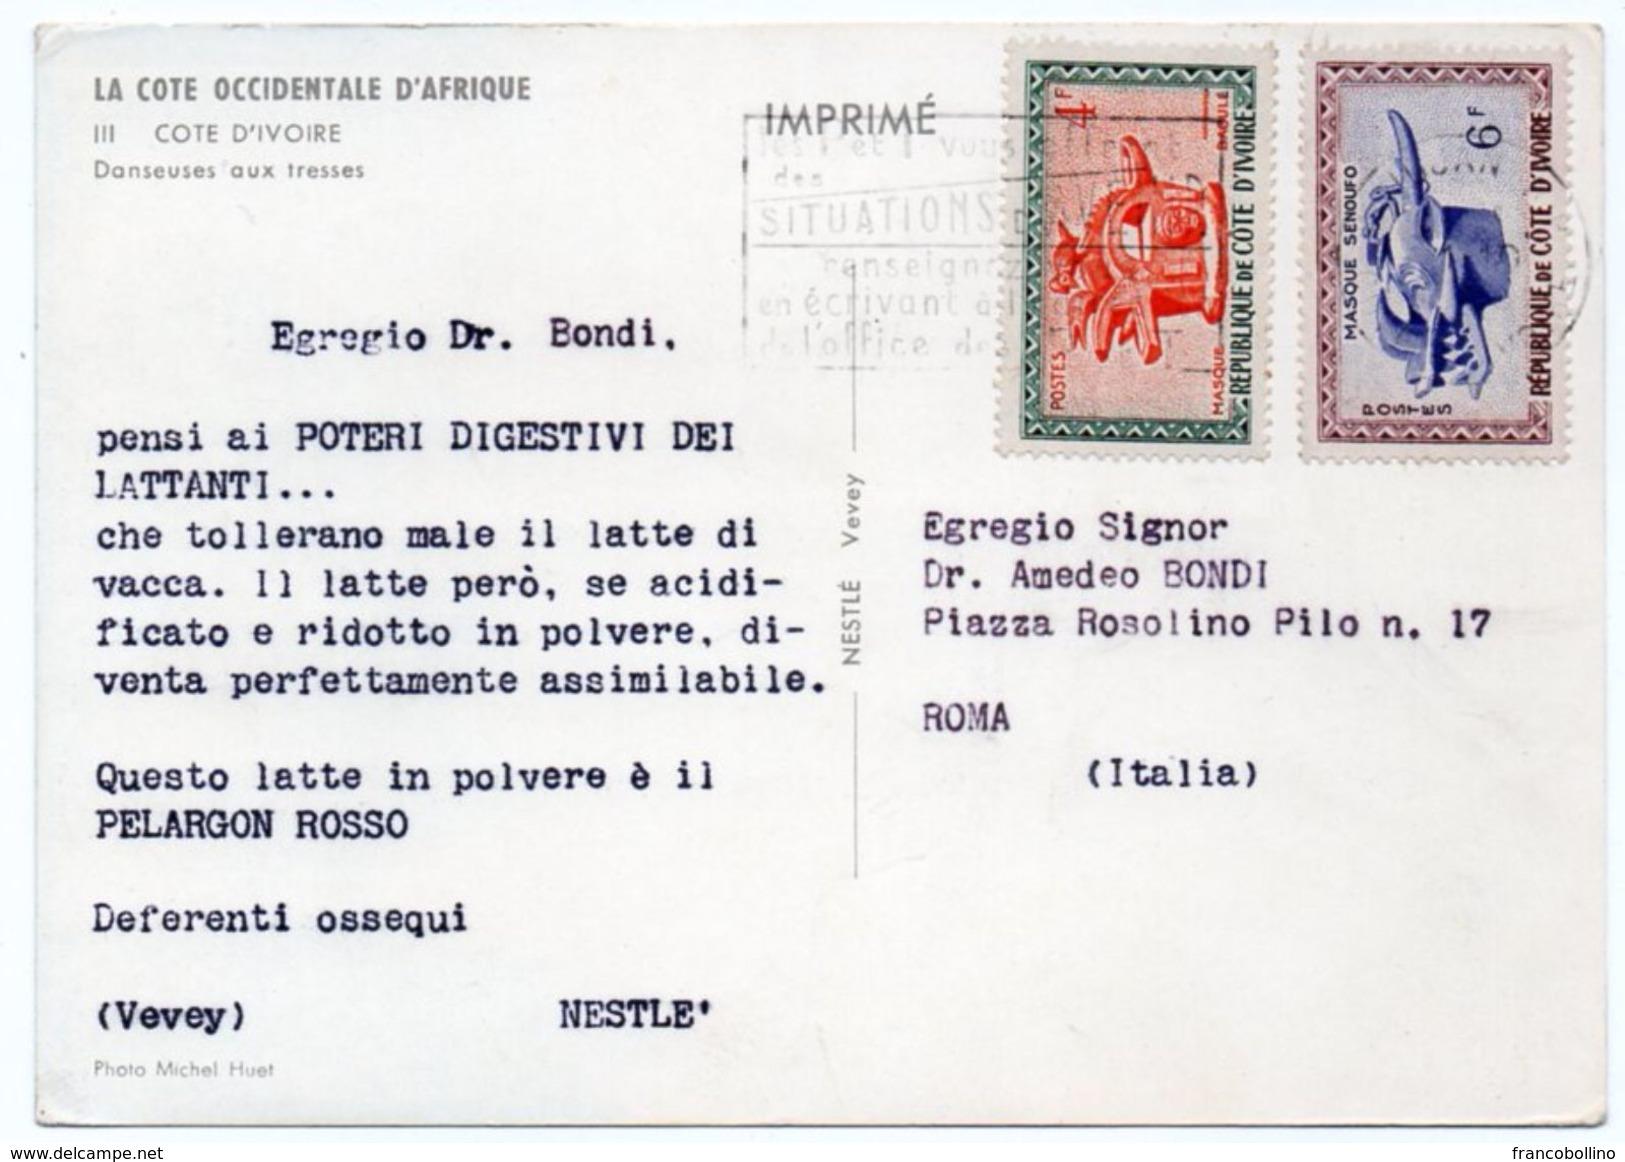 DEAR DOCTOR TYPE PUBL. PELARGON ROSSO-NESTLE' / COTE D'IVOIRE DANSEUSES AUX TRESSES SEINS NUS/BREASTS NUDE - Costa D'Avorio